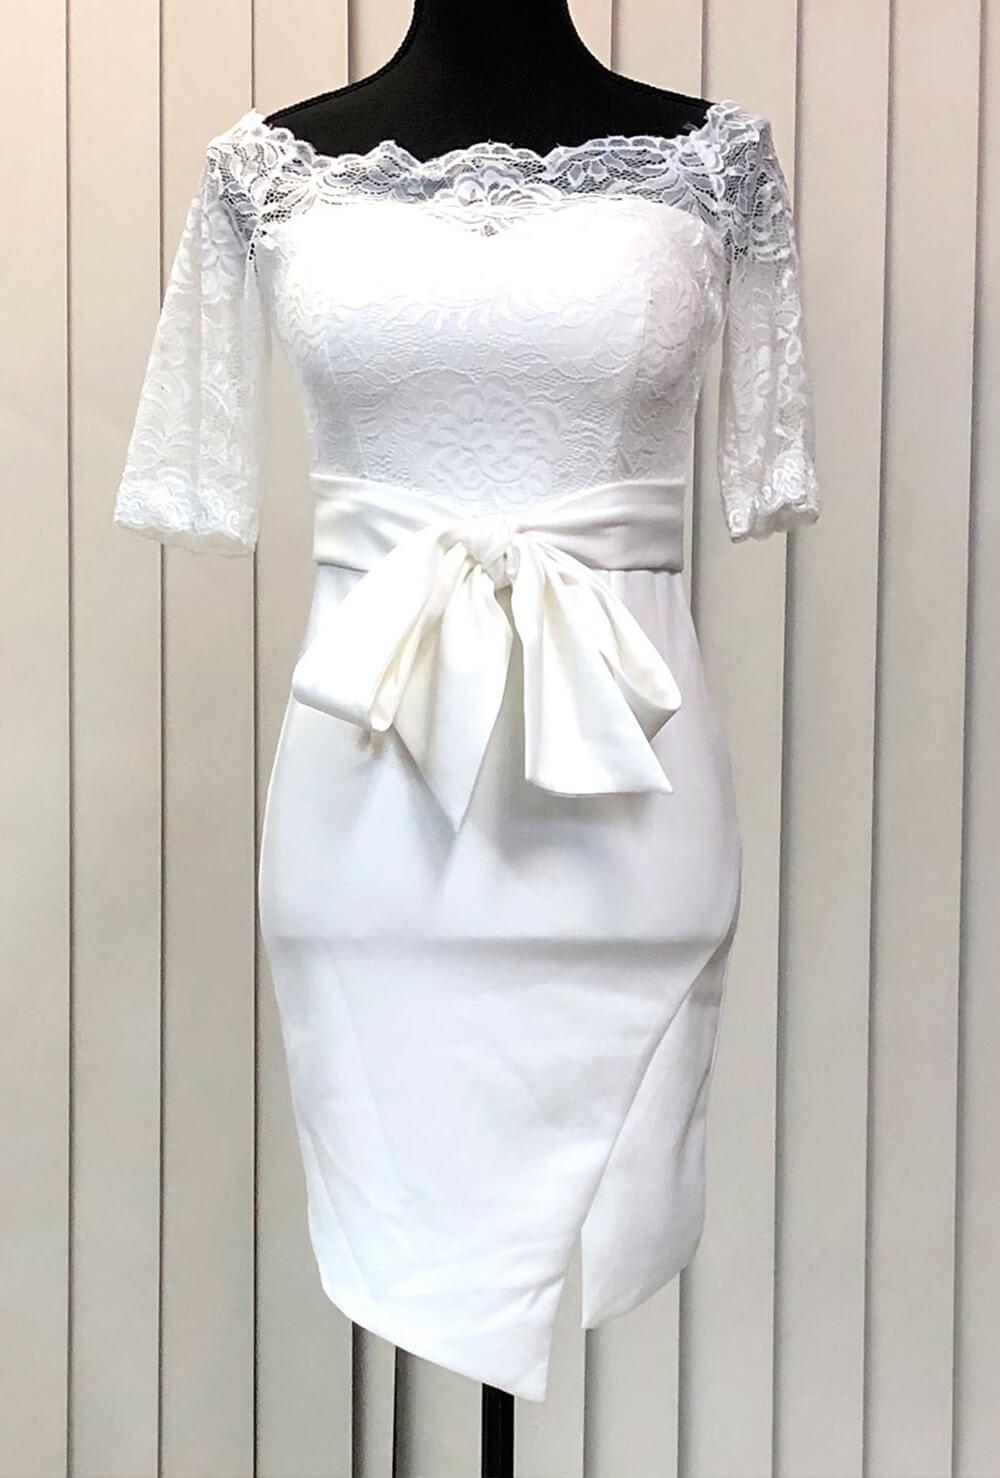 ハート型のデコルテラインのドレス